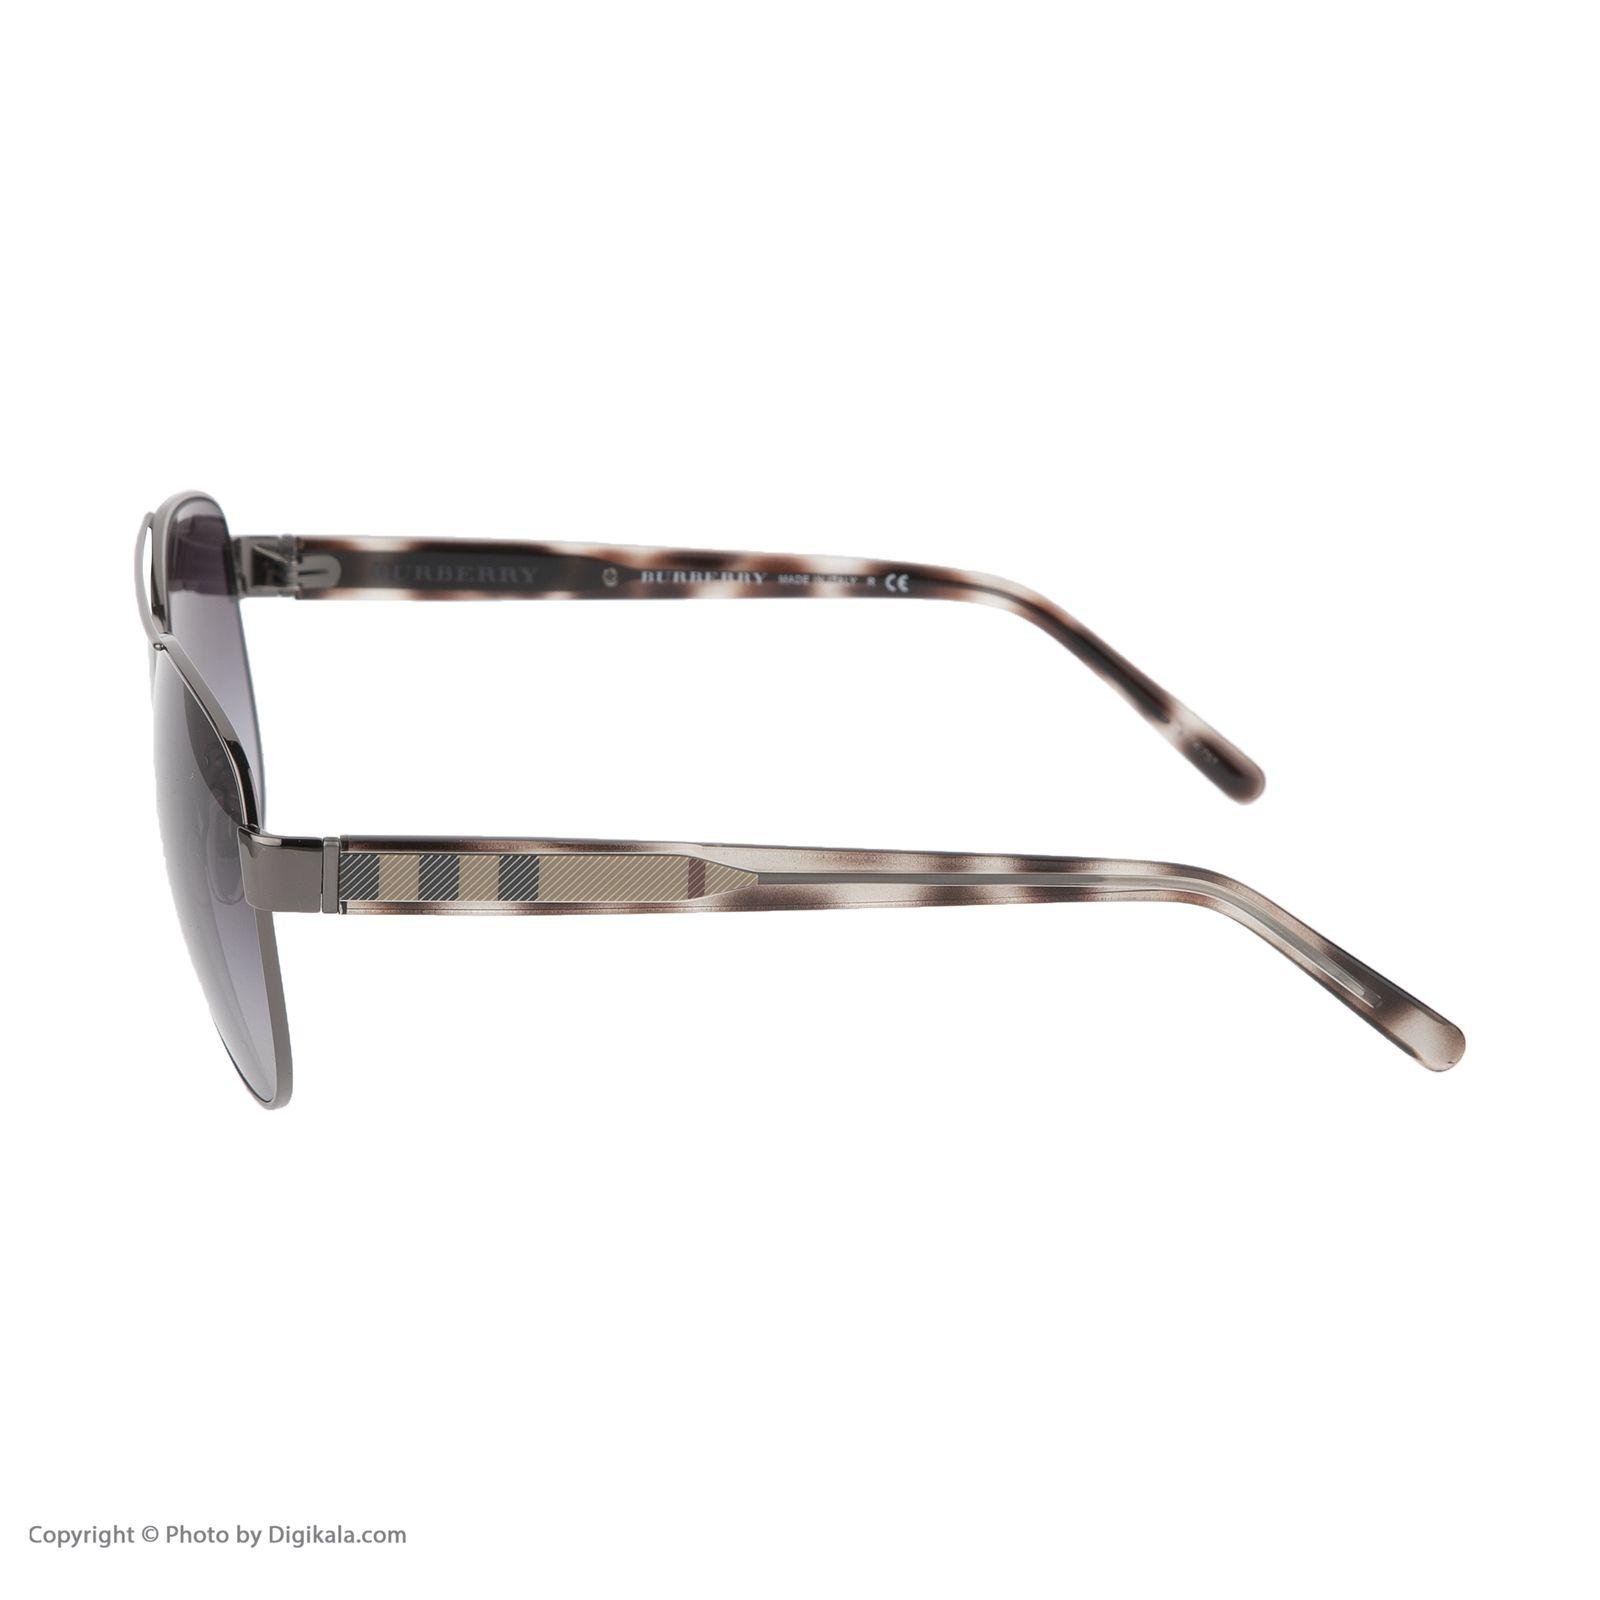 عینک آفتابی زنانه بربری مدل BE 3084S 12278G 60 -  - 4